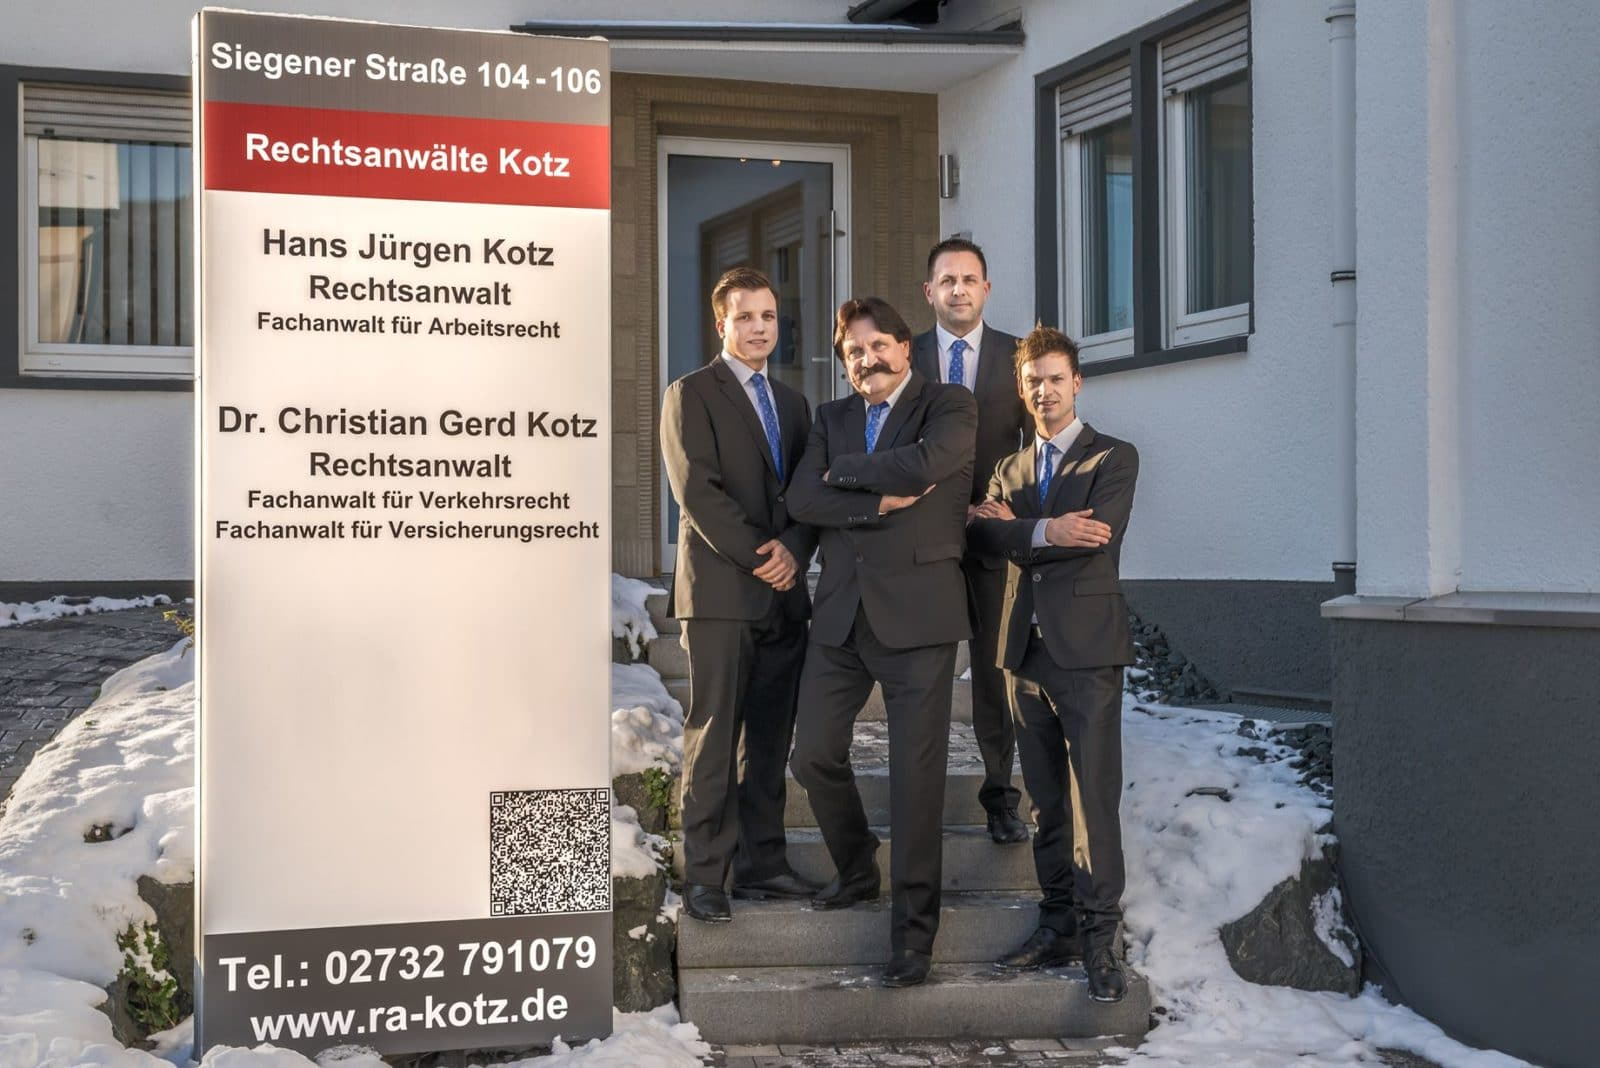 Rechtsanwaltskanzlei Kotz aus Kreuztal bei Siegen